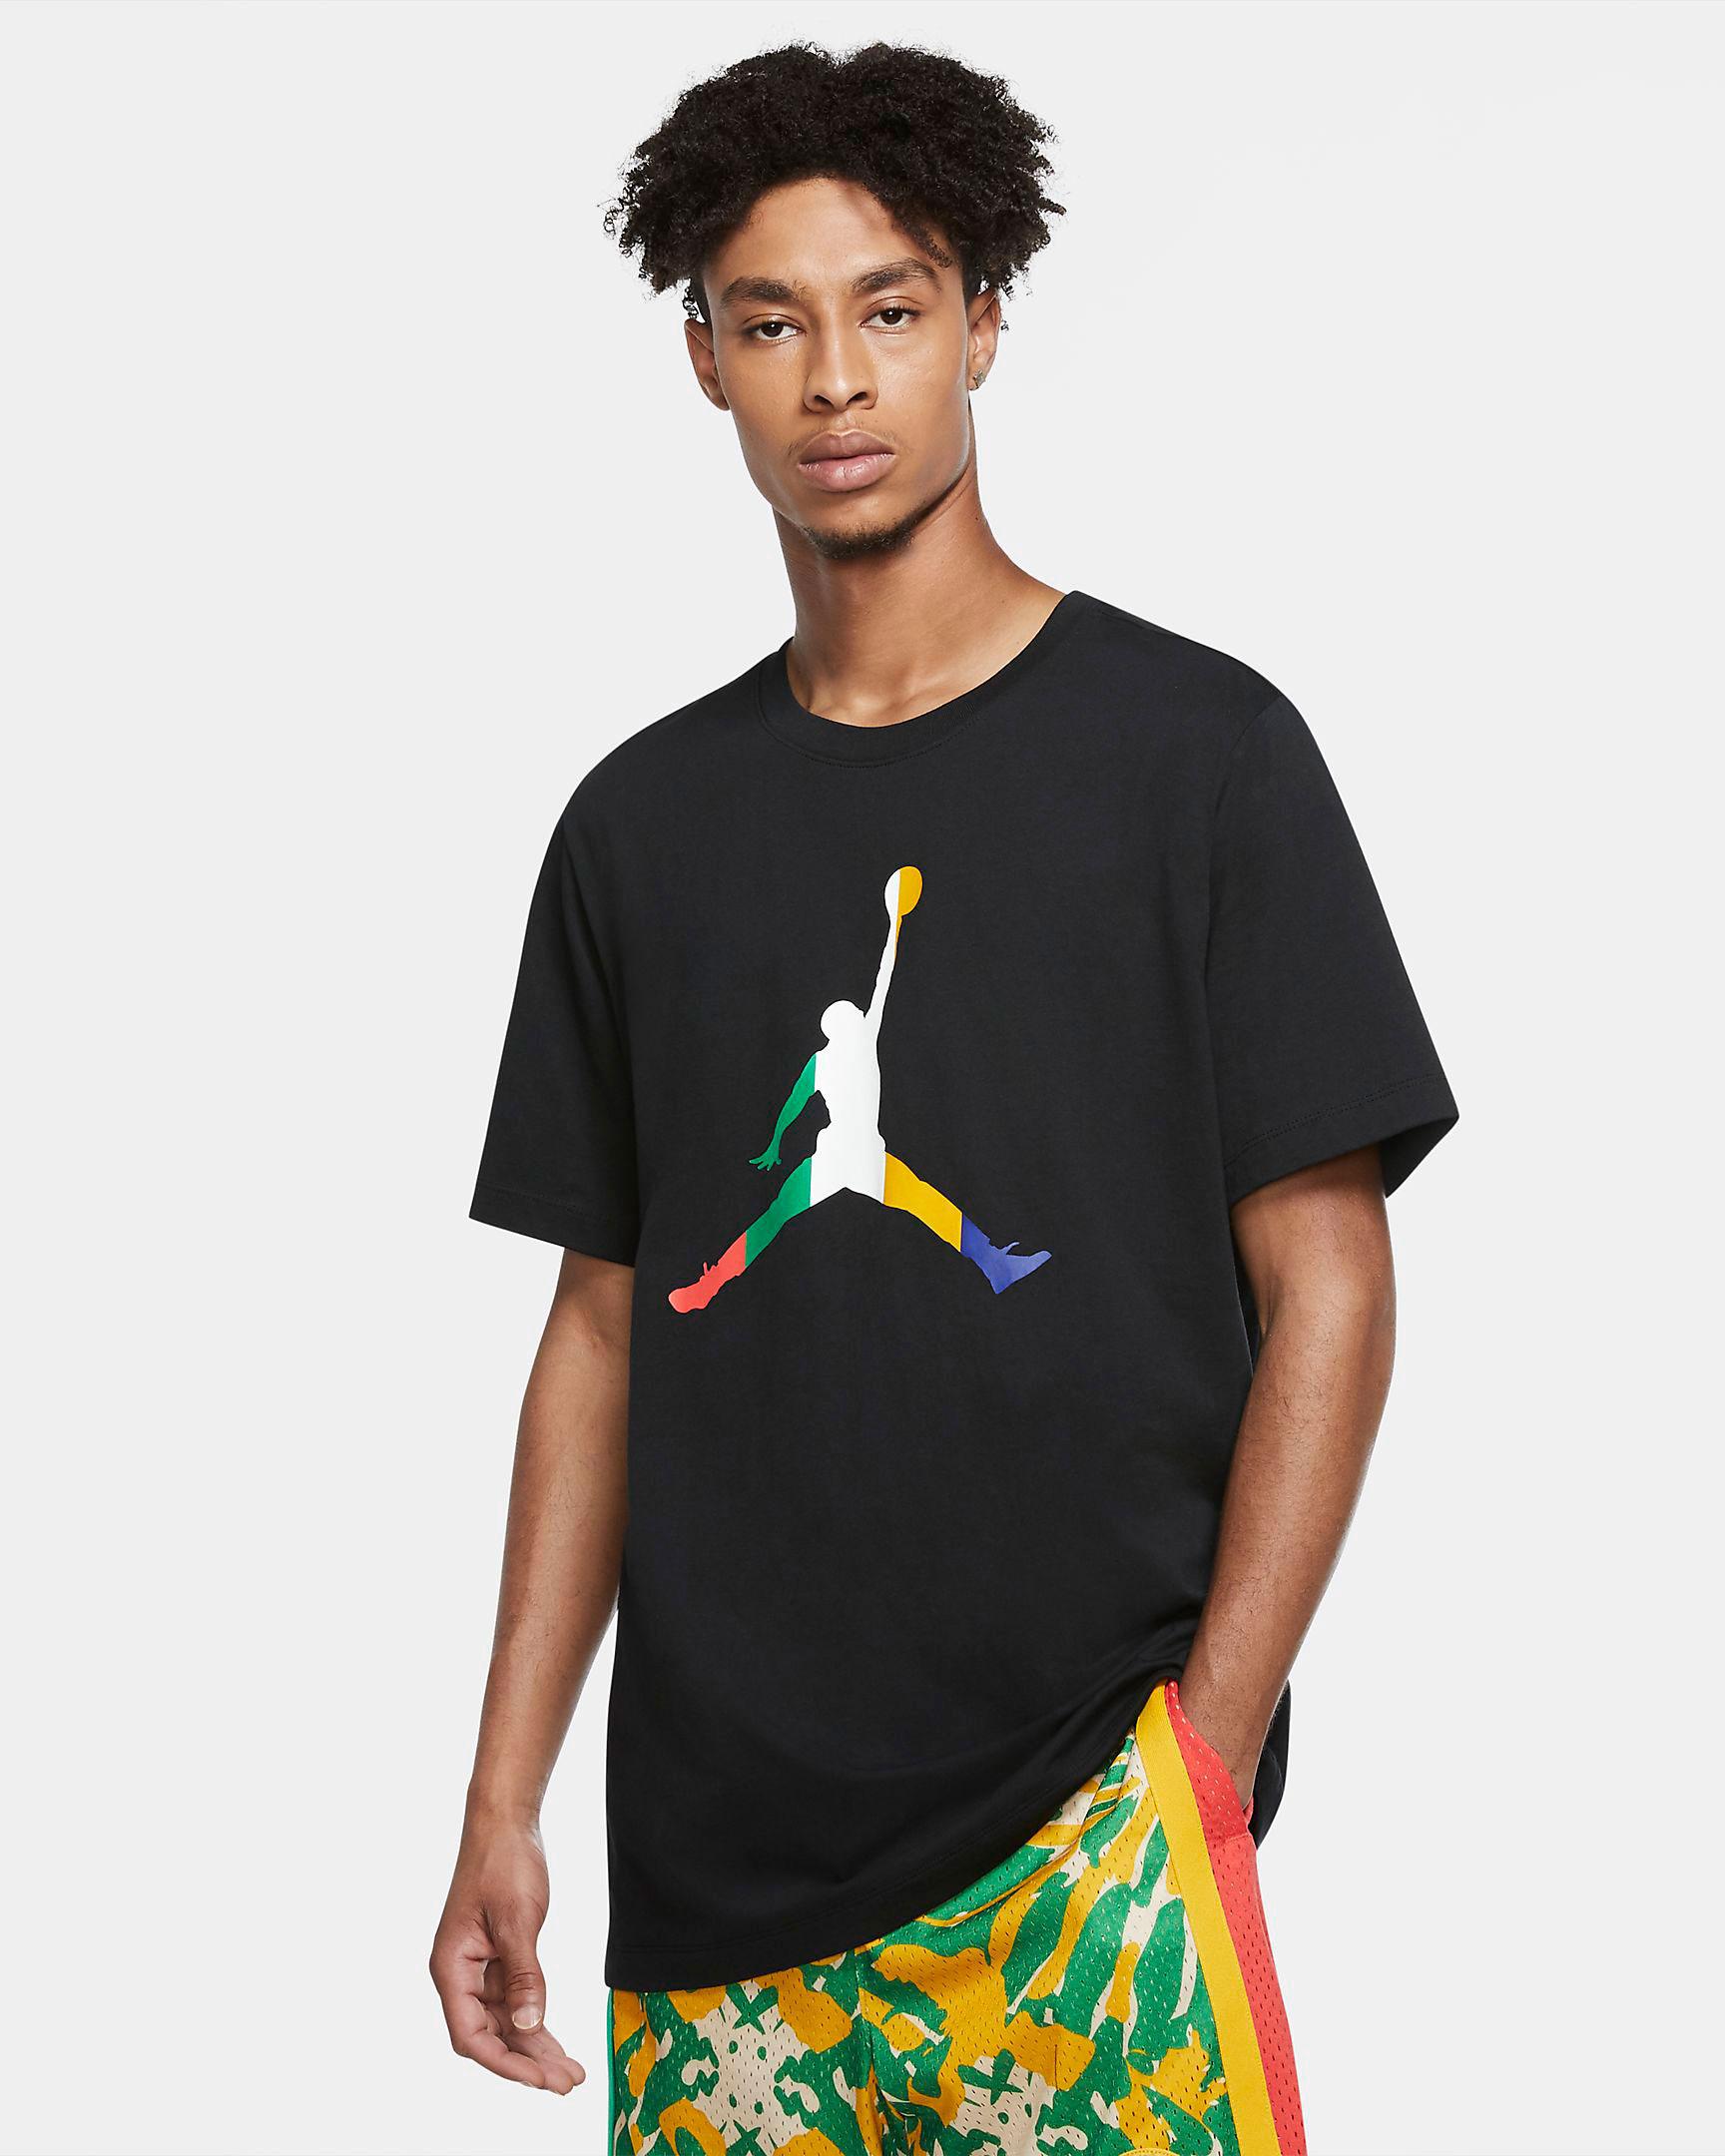 air-jordan-5-what-the-shirt-black-multi-color-1